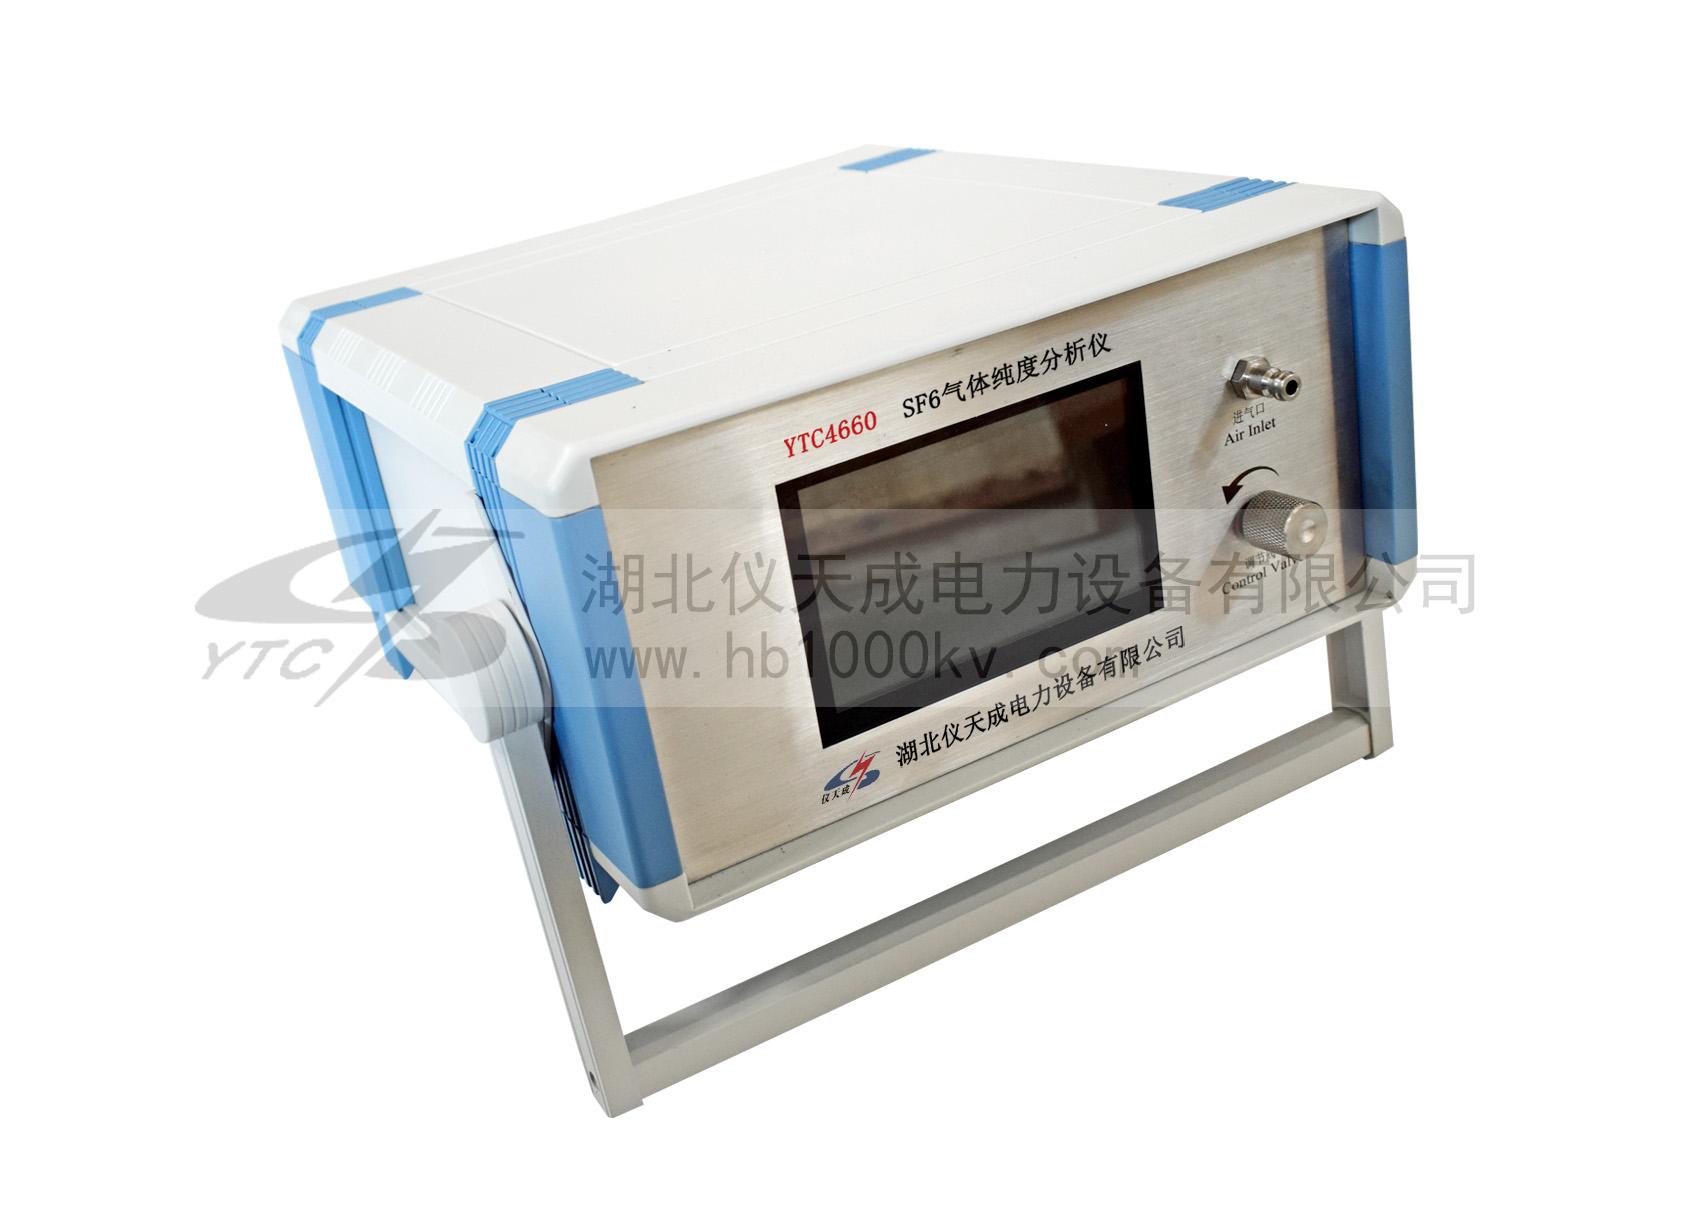 YTC4660SF6气体纯度分析仪主机